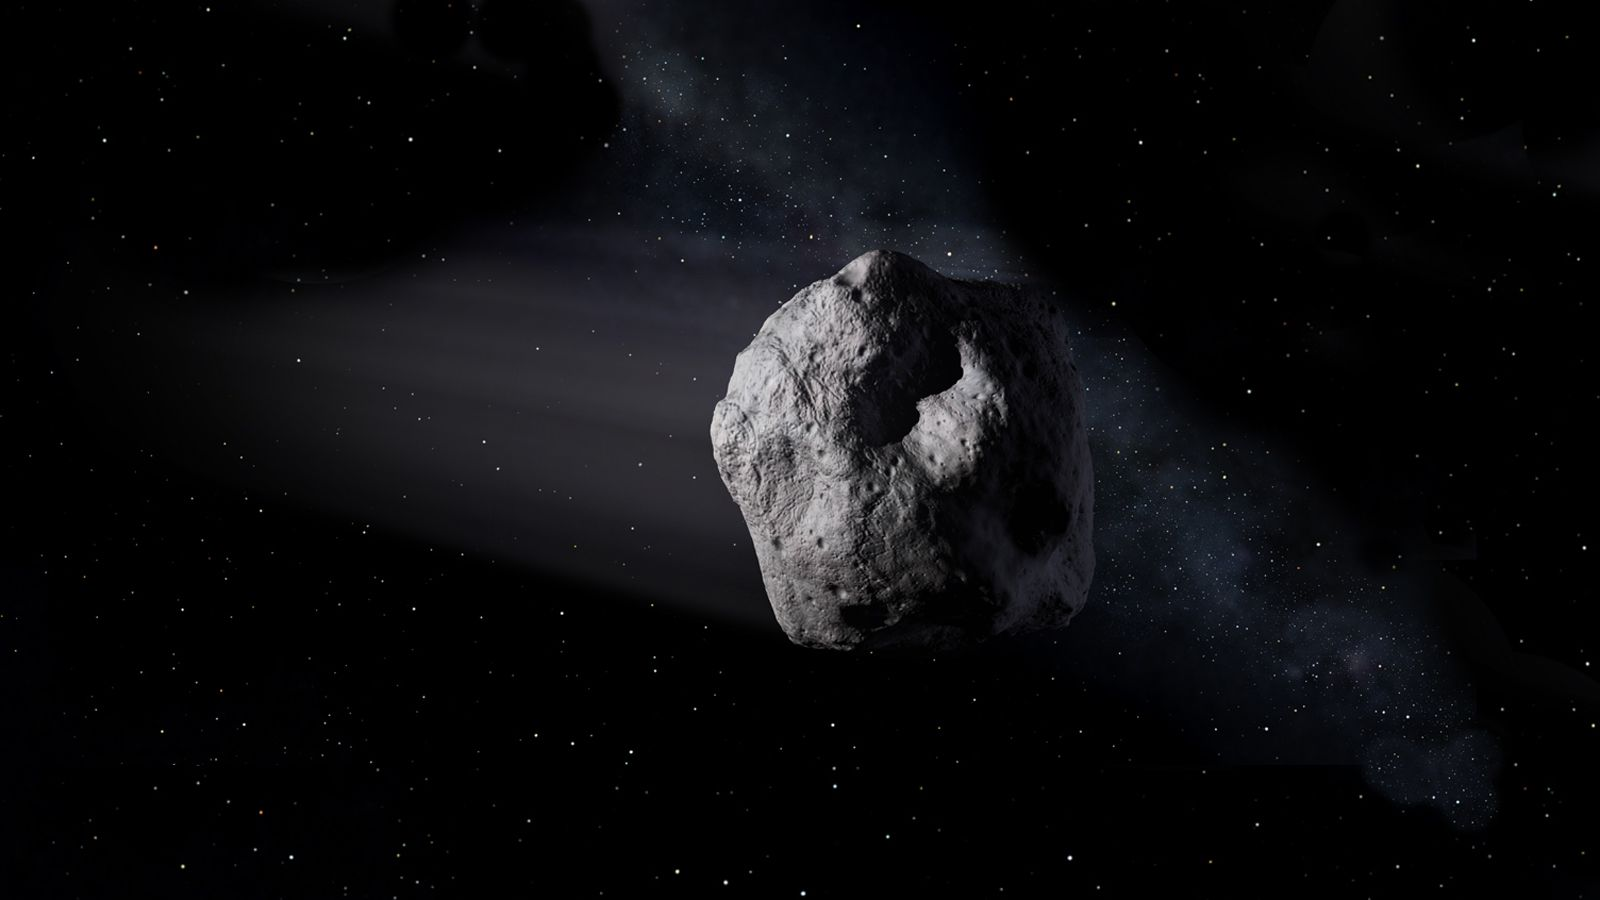 Imagen que representa el asteroide 1998 OR2